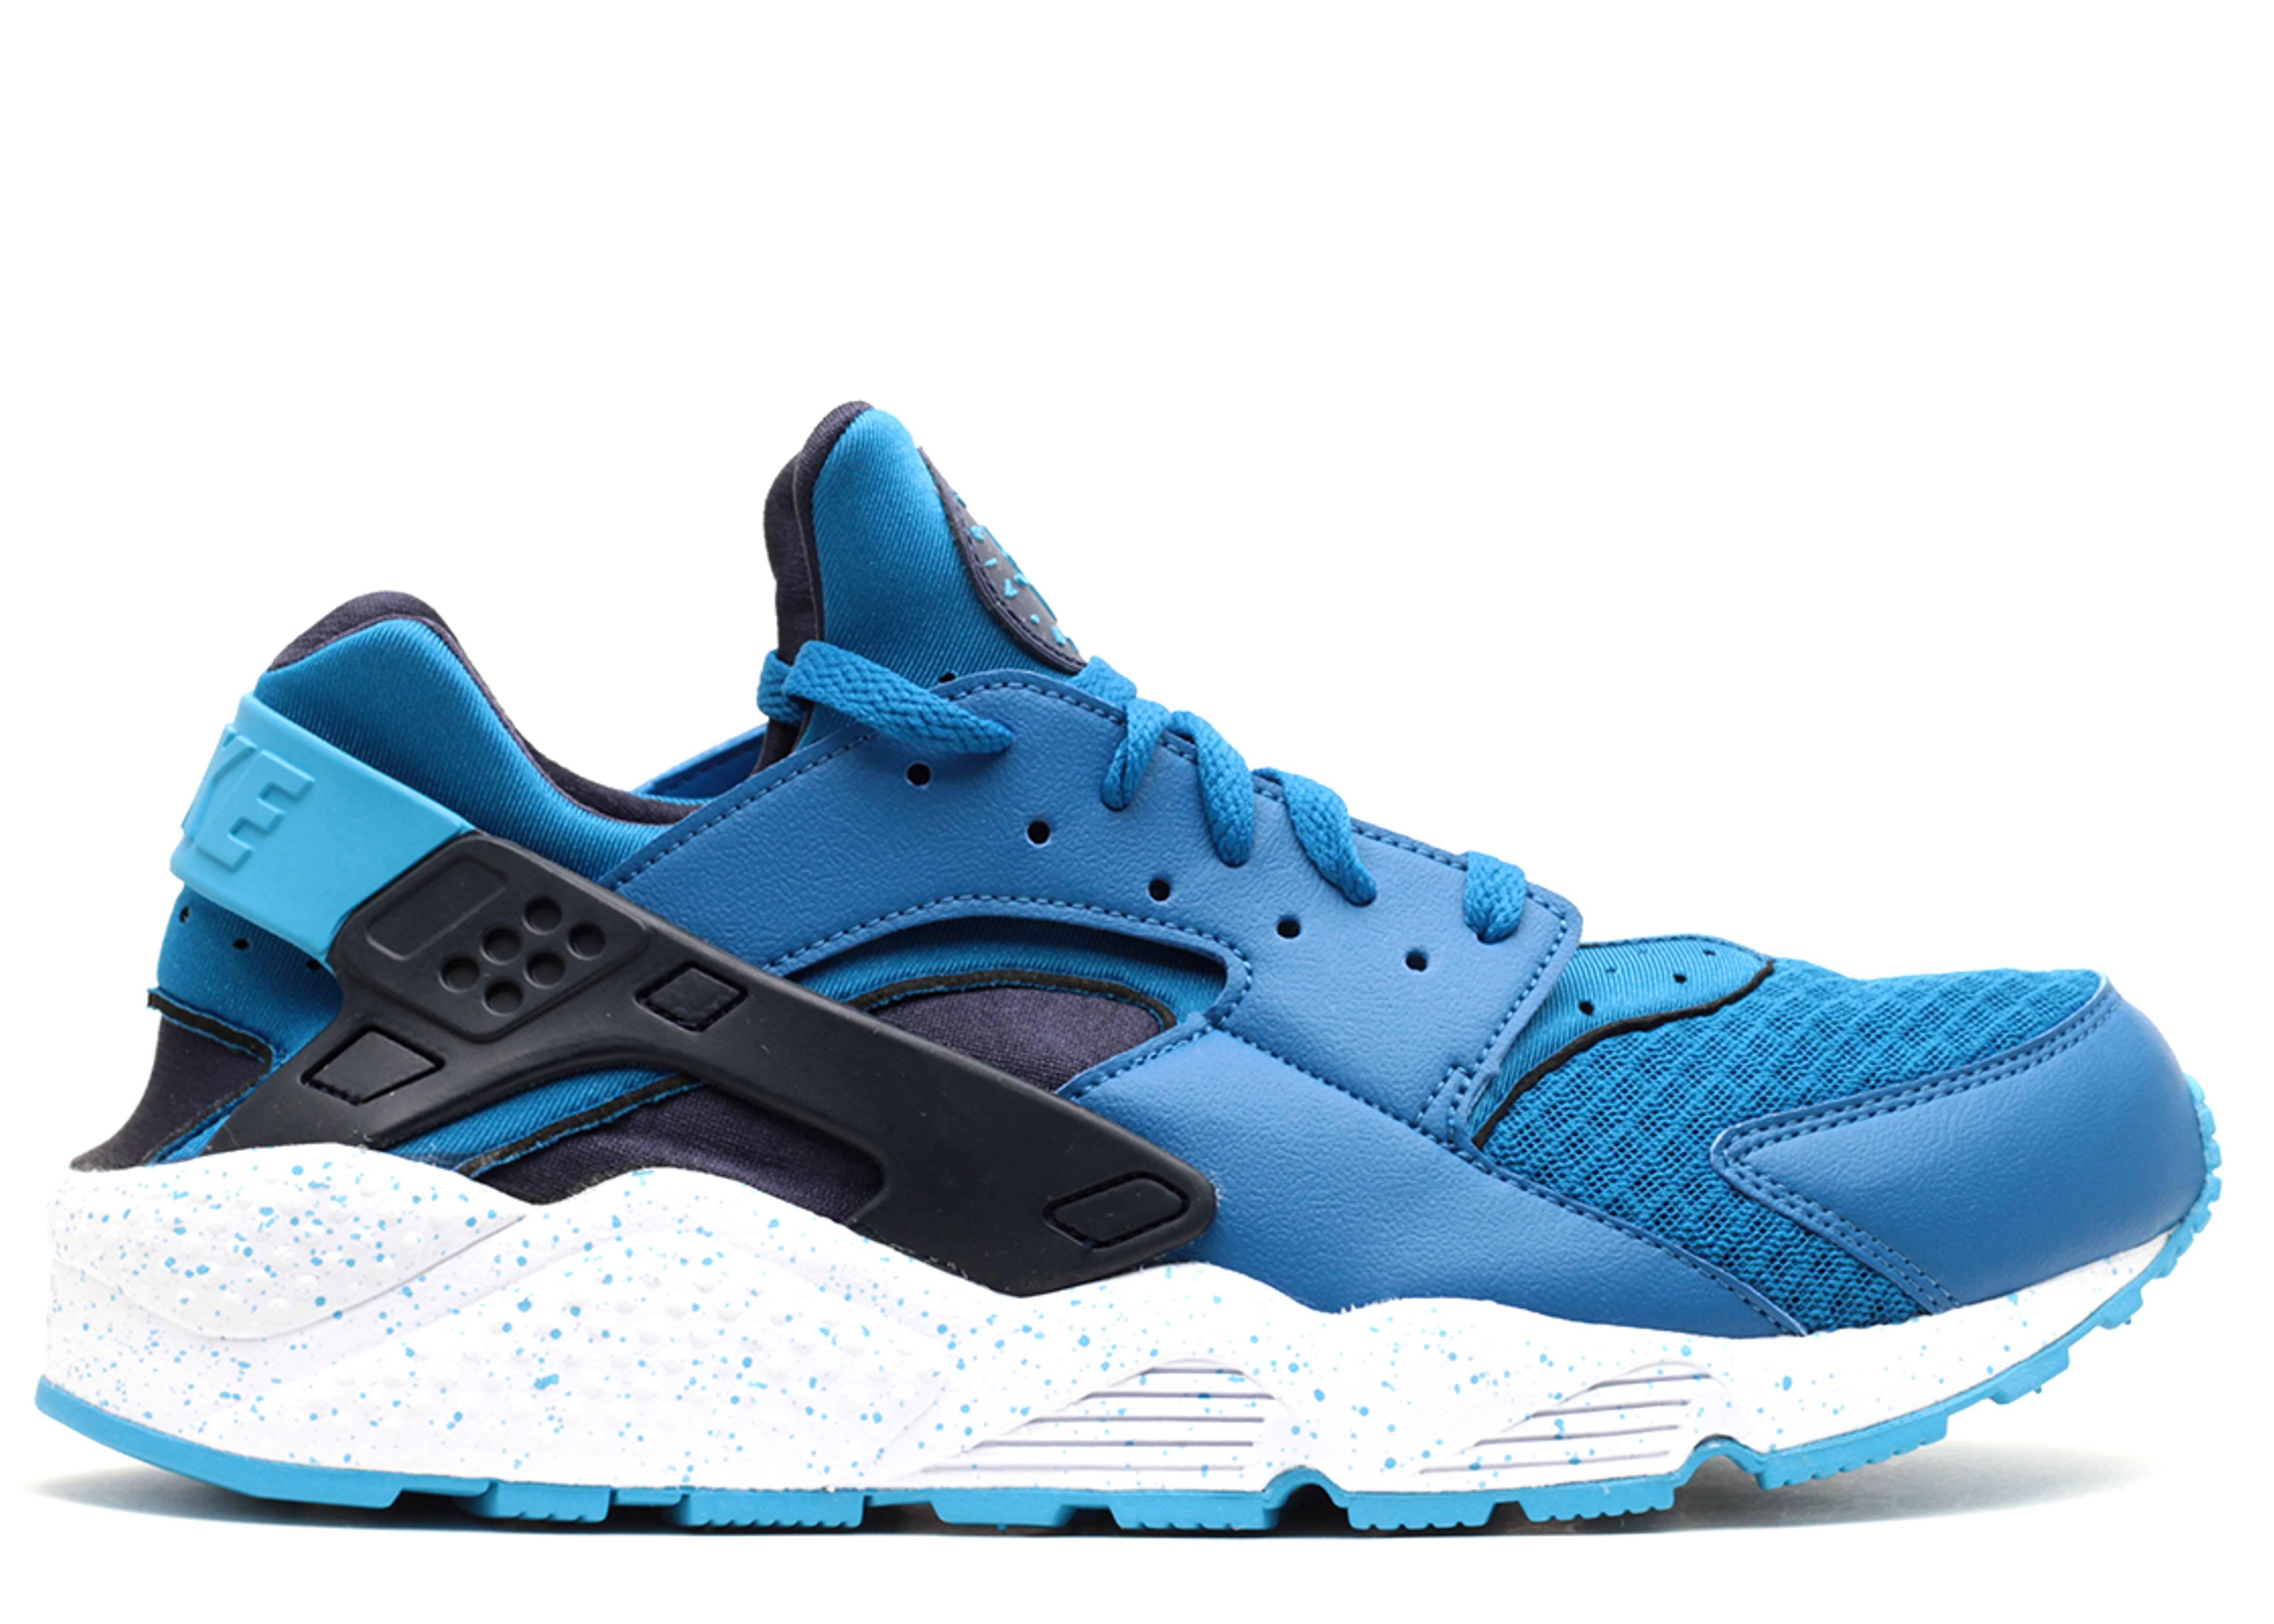 sale retailer c8df6 1aa8a Air Huarache - Nike - 318429 441 - military blue obsidian   Flight Club